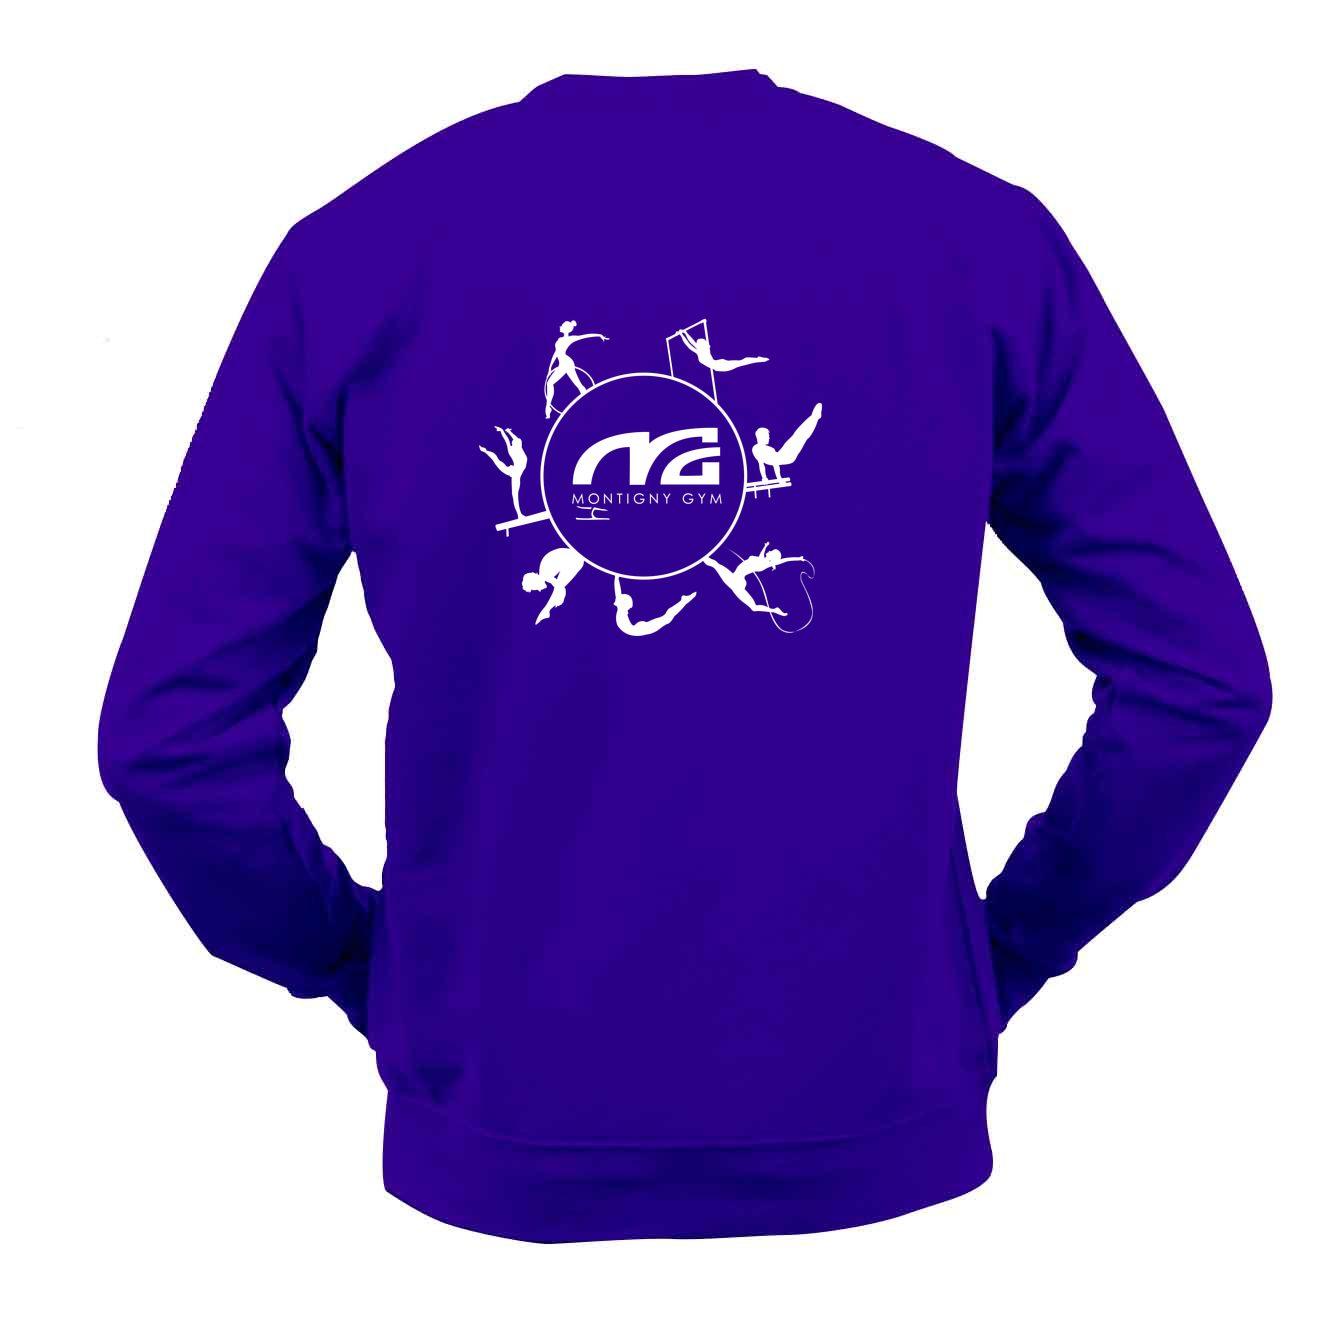 05_jh030_violet--0-0--baee3d79-7431-4b42-9d66-61d68a54e6e7